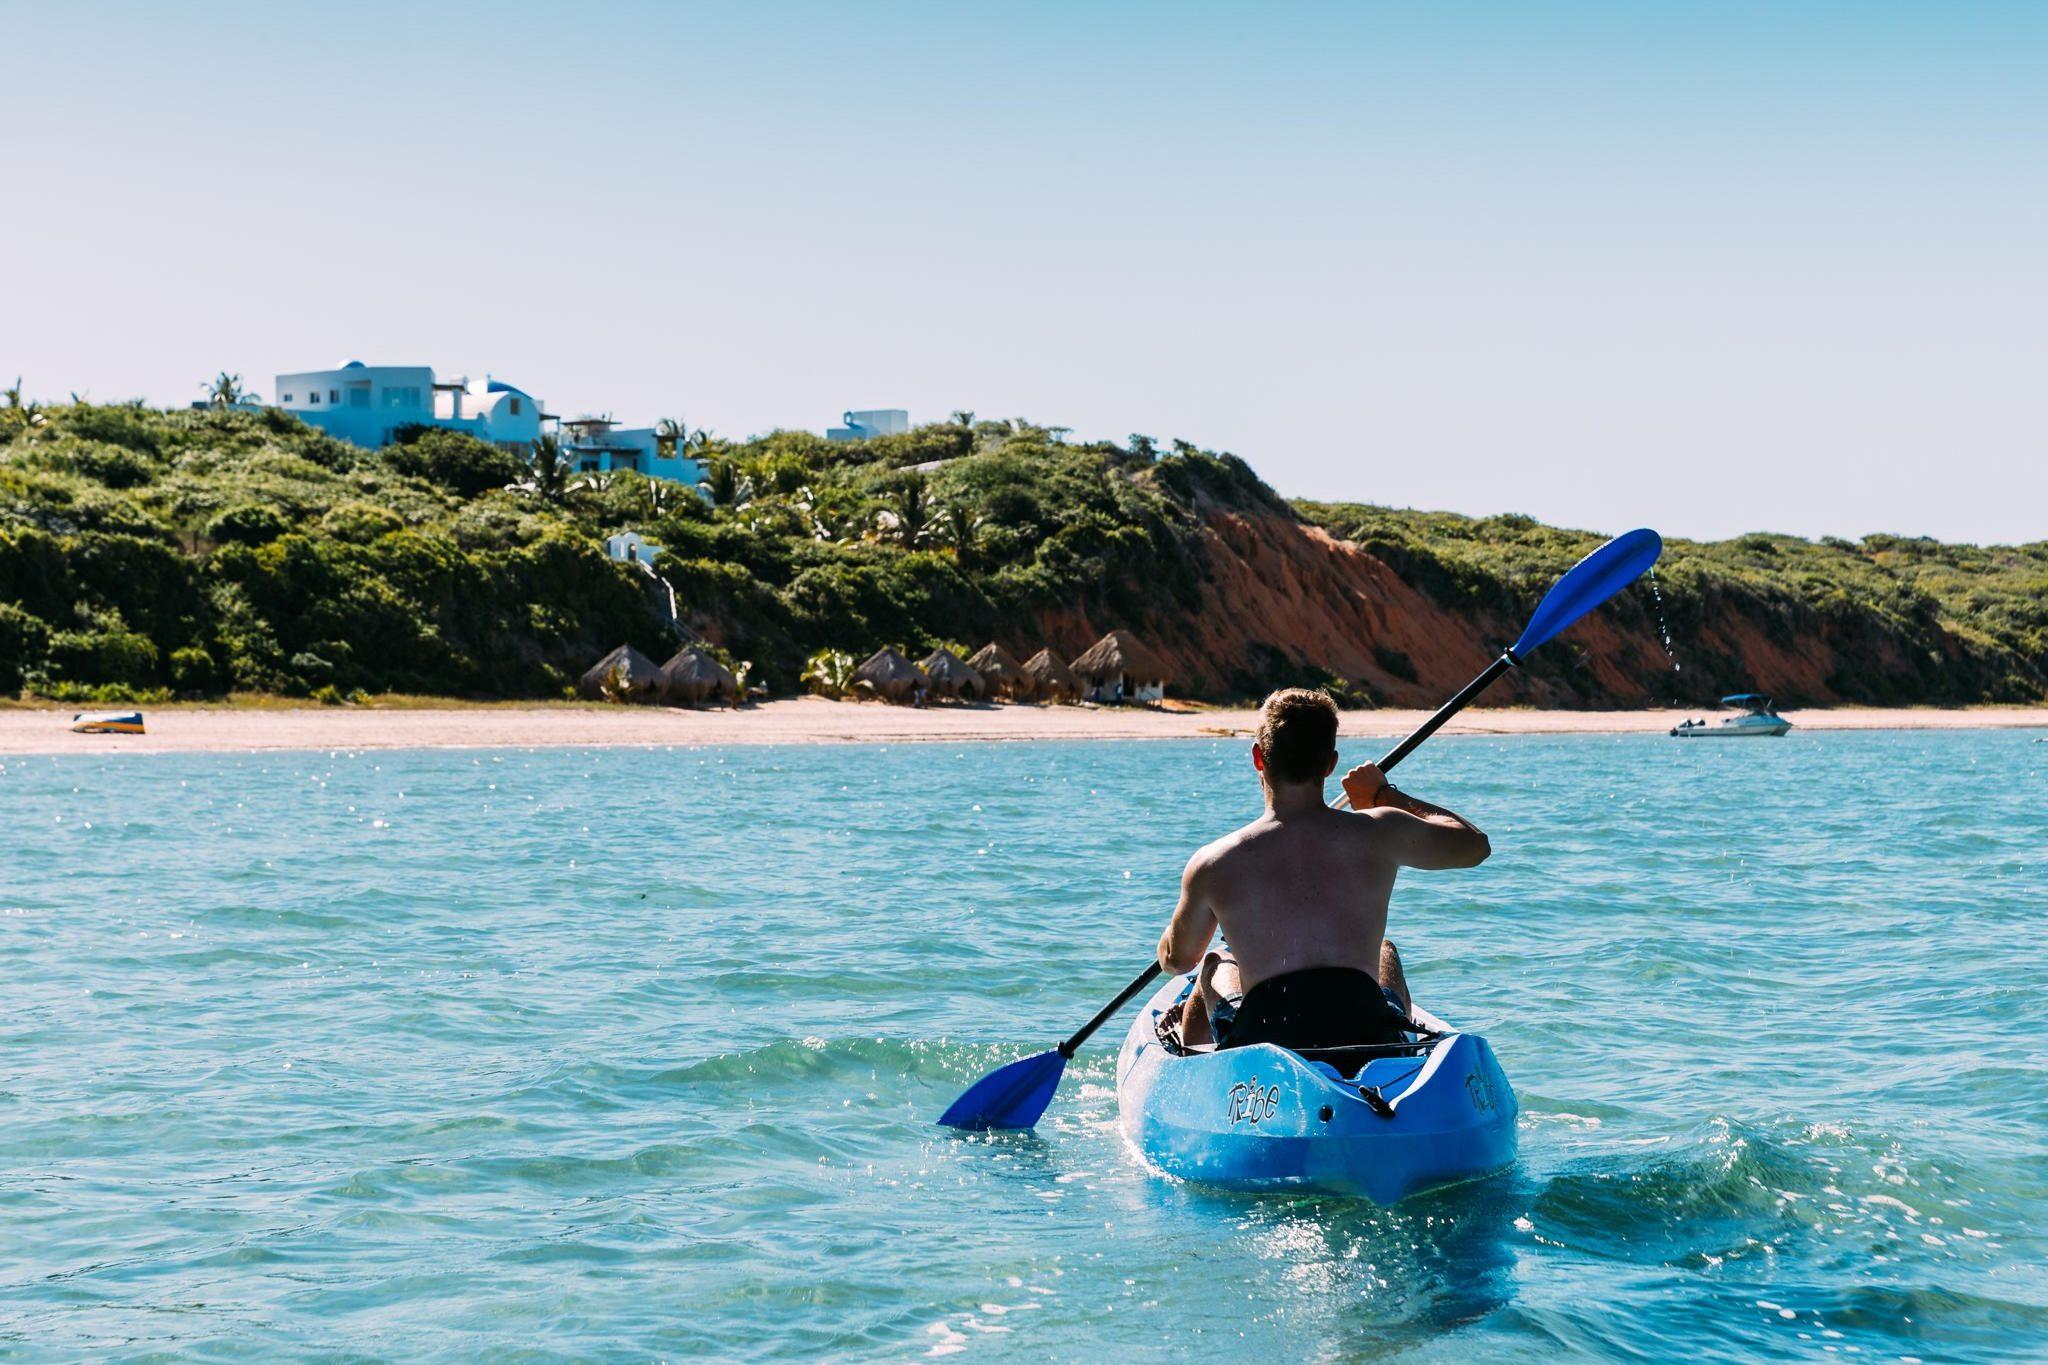 kayaking at Santorini